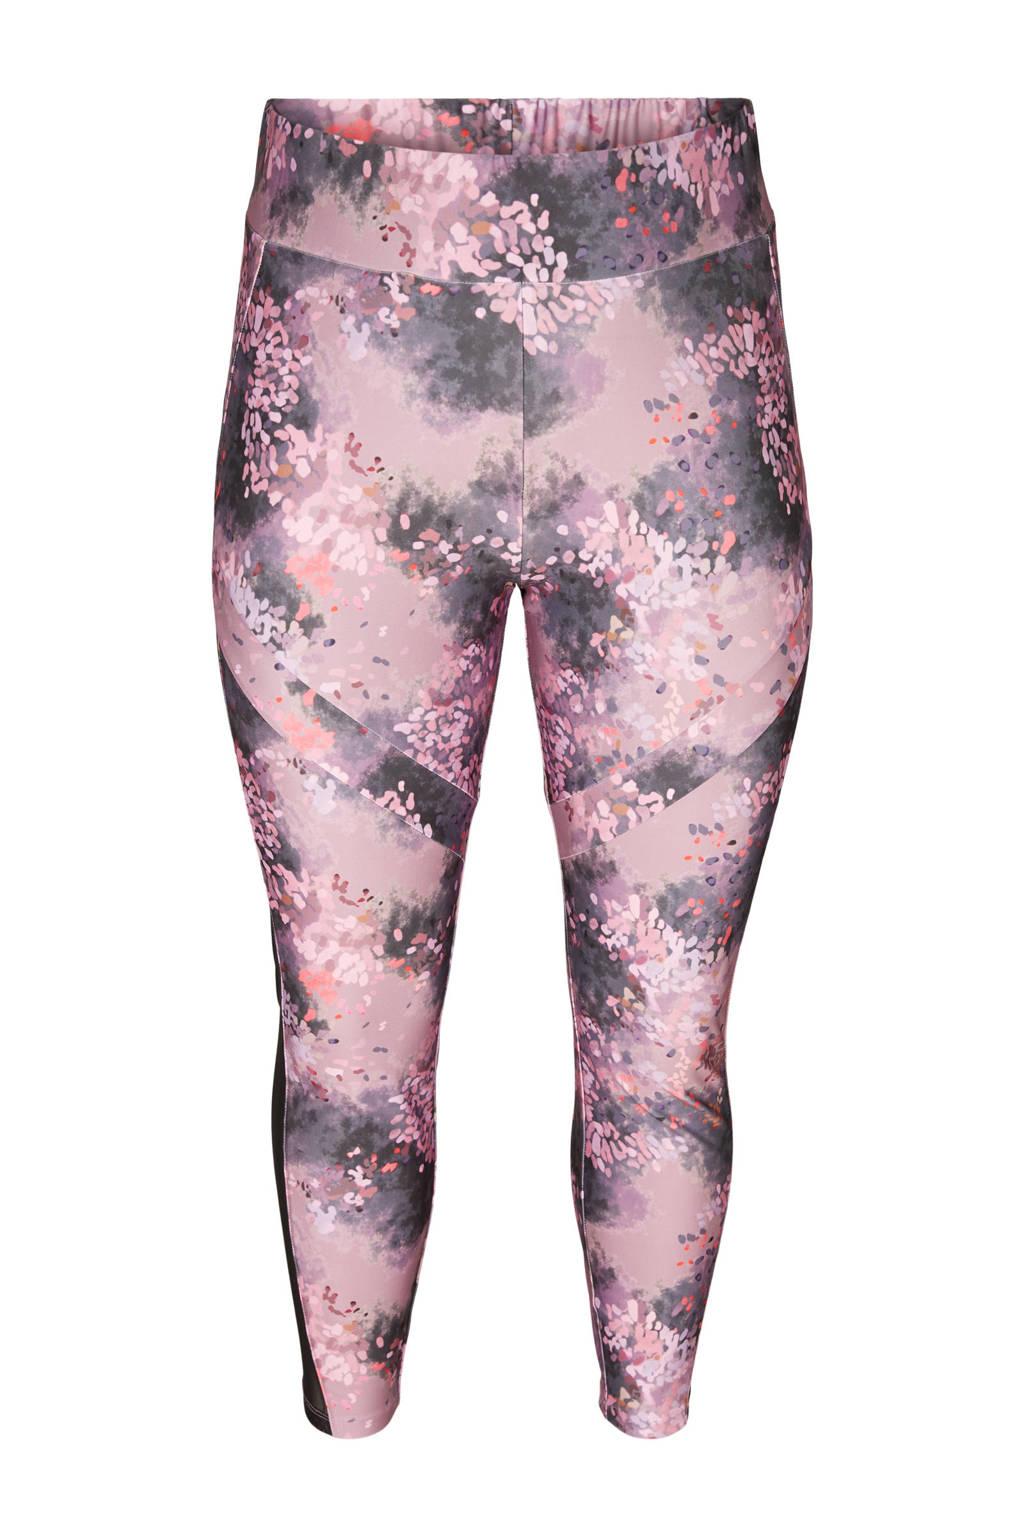 ACTIVE By Zizzi Plus Size 7/8 sportlegging roze, Roze